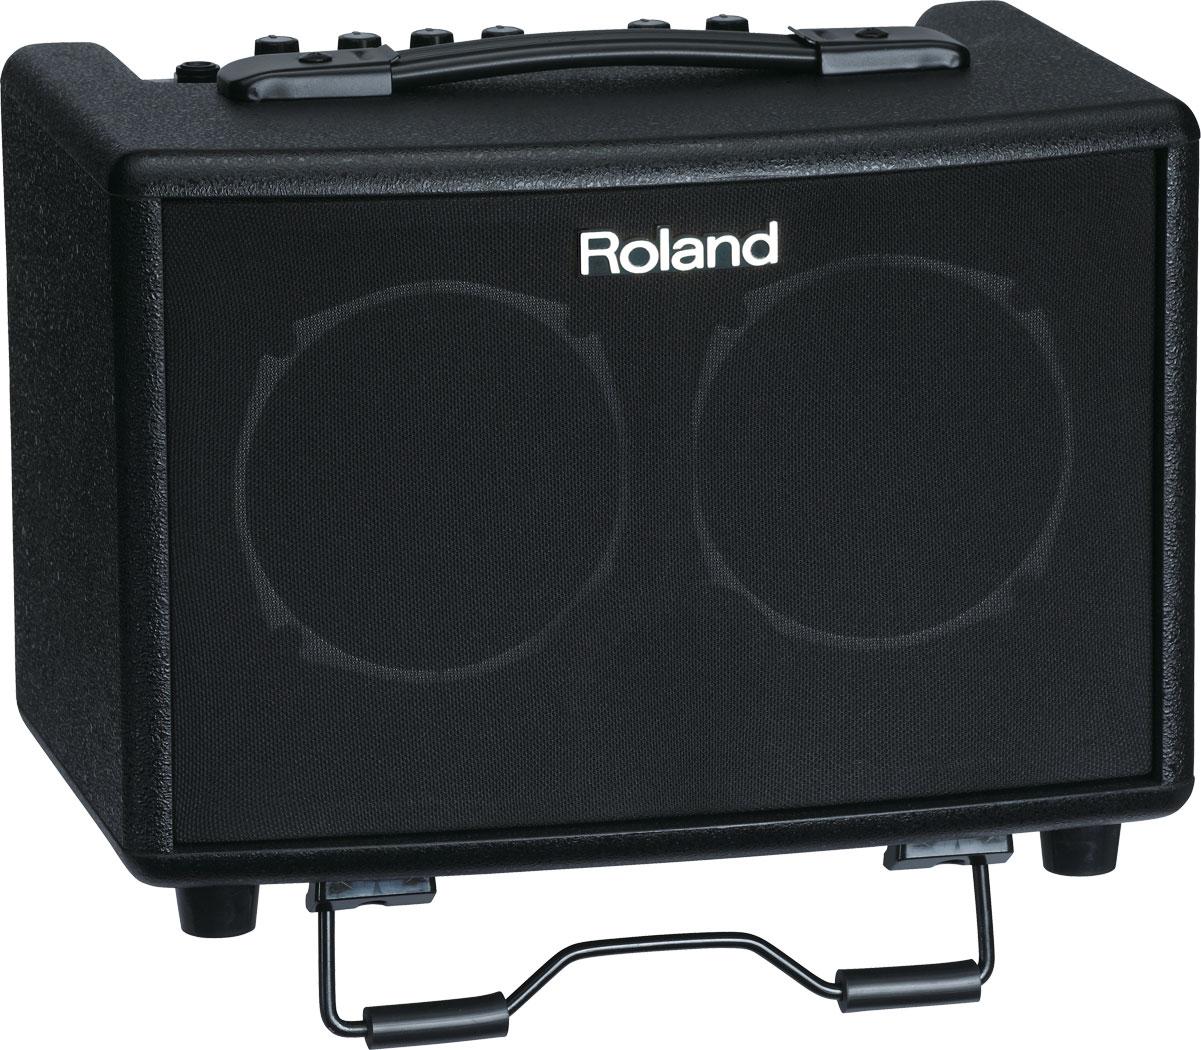 roland ac 33 acoustic chorus guitar amplifier rh roland com Roland AC- 60 Roland AC- 60